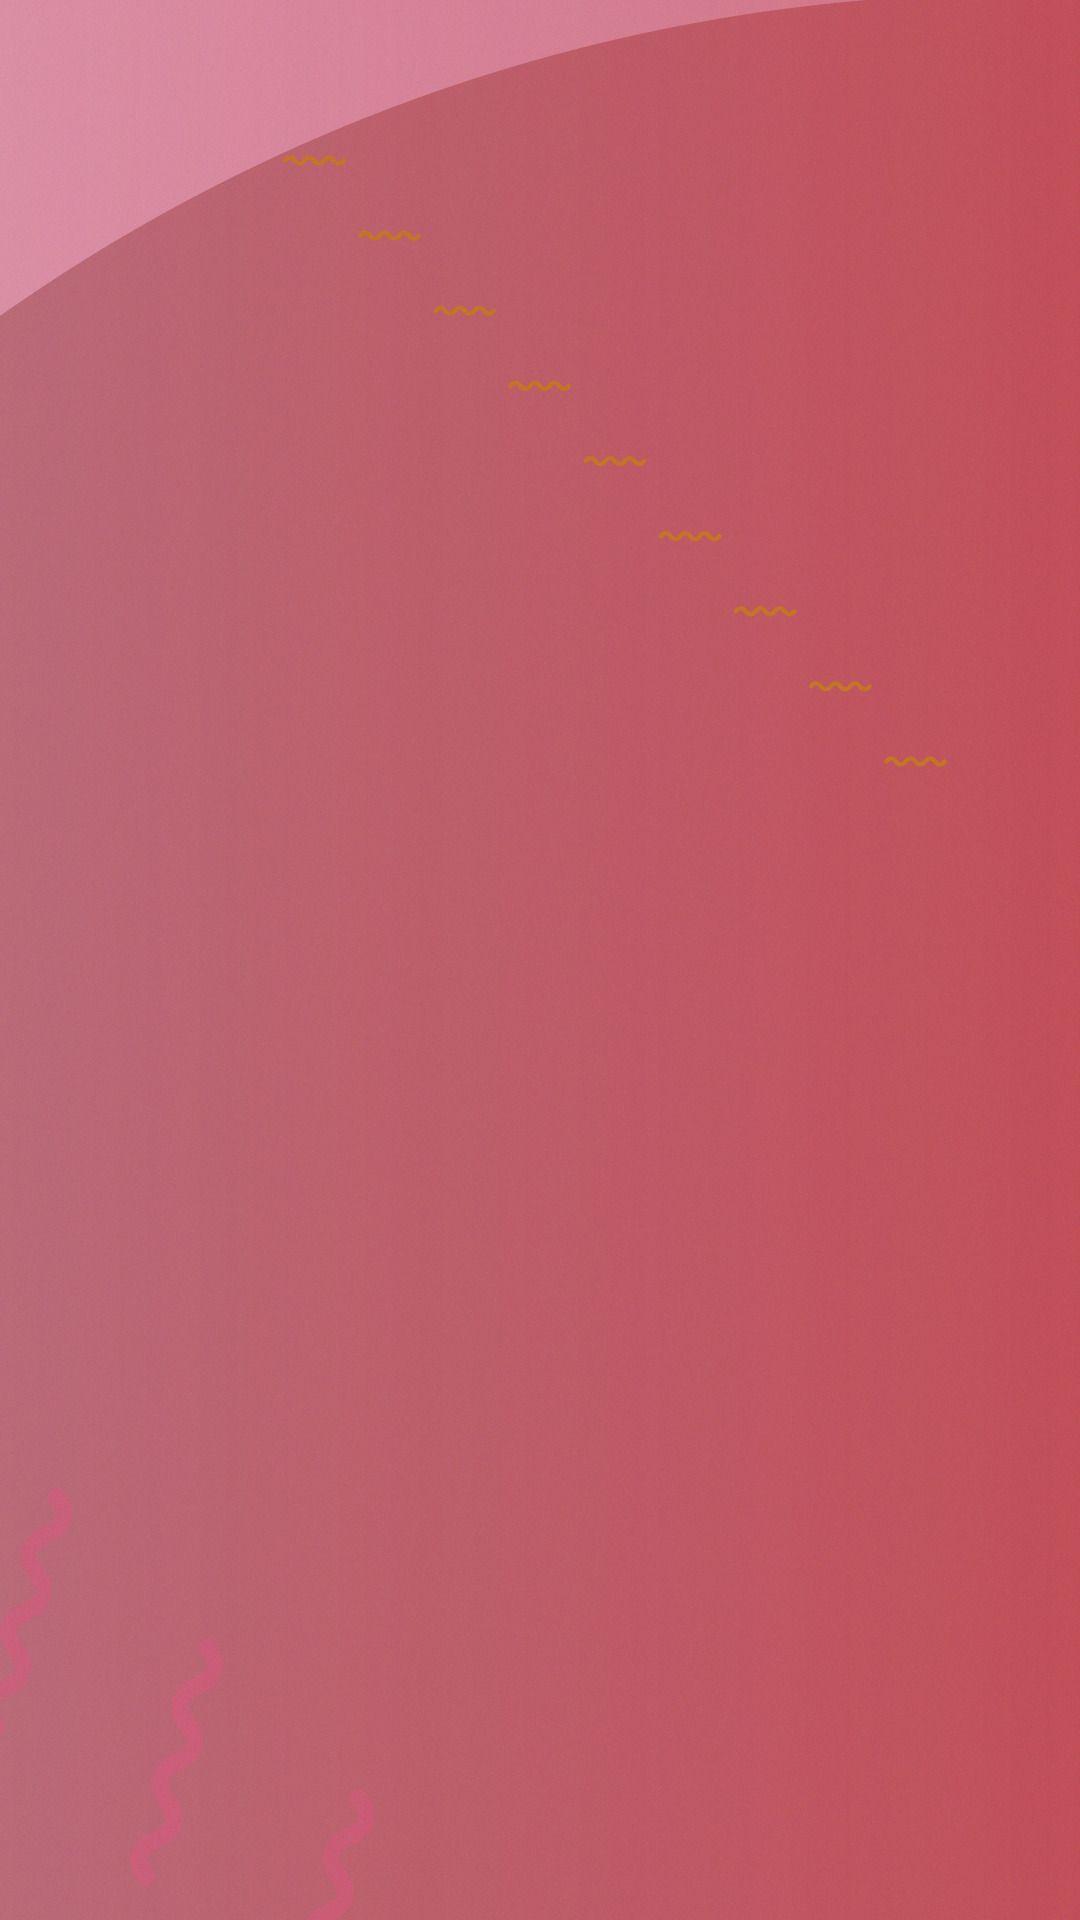 Unled 868 By Silas Cora Pantone Color Orange Paint